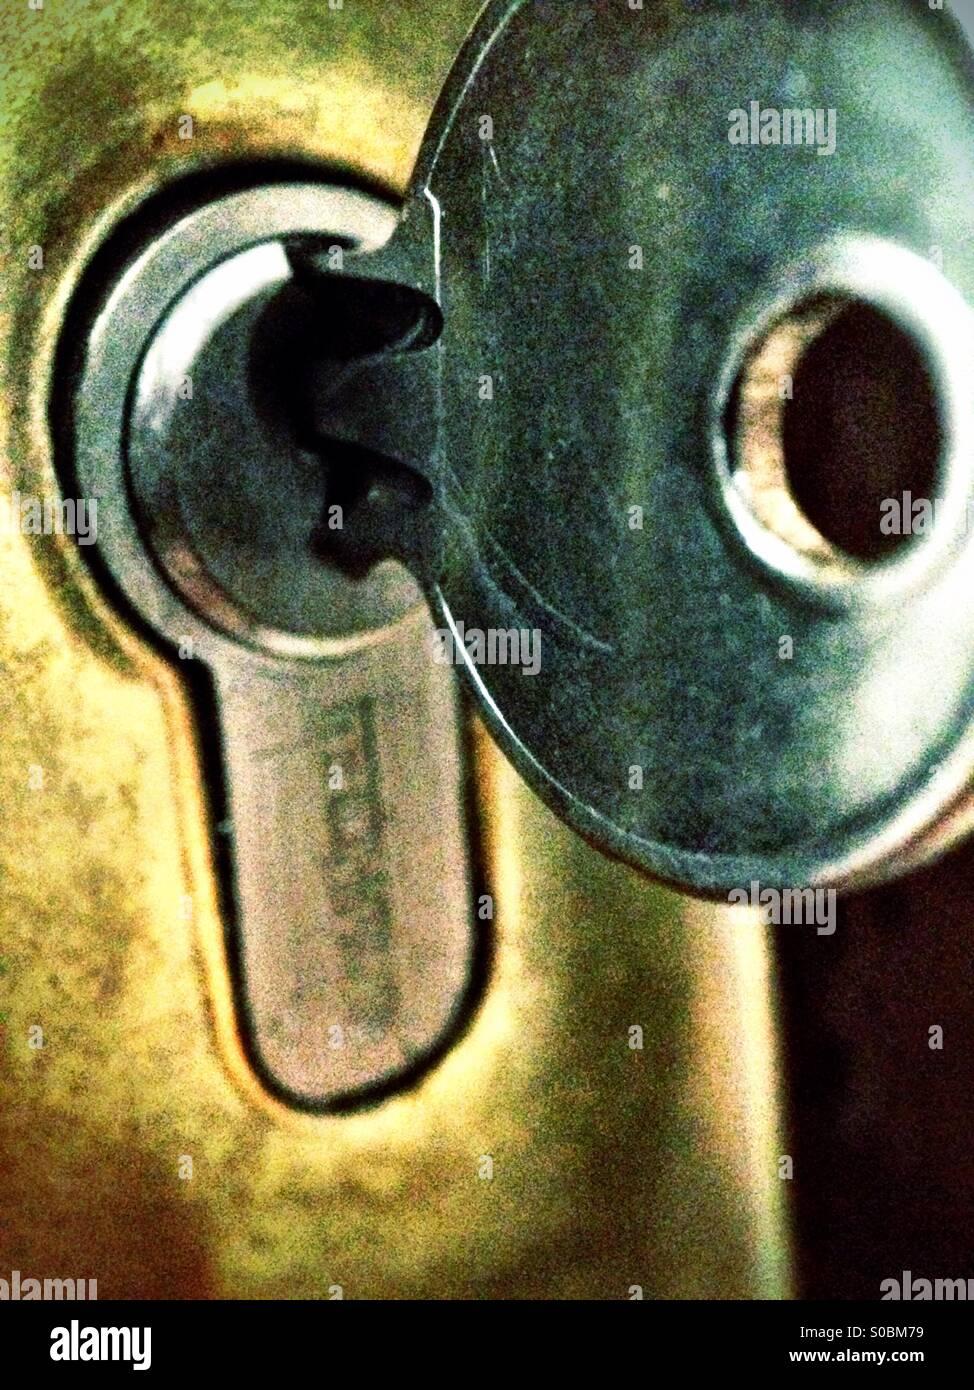 Chiave nella serratura Immagini Stock